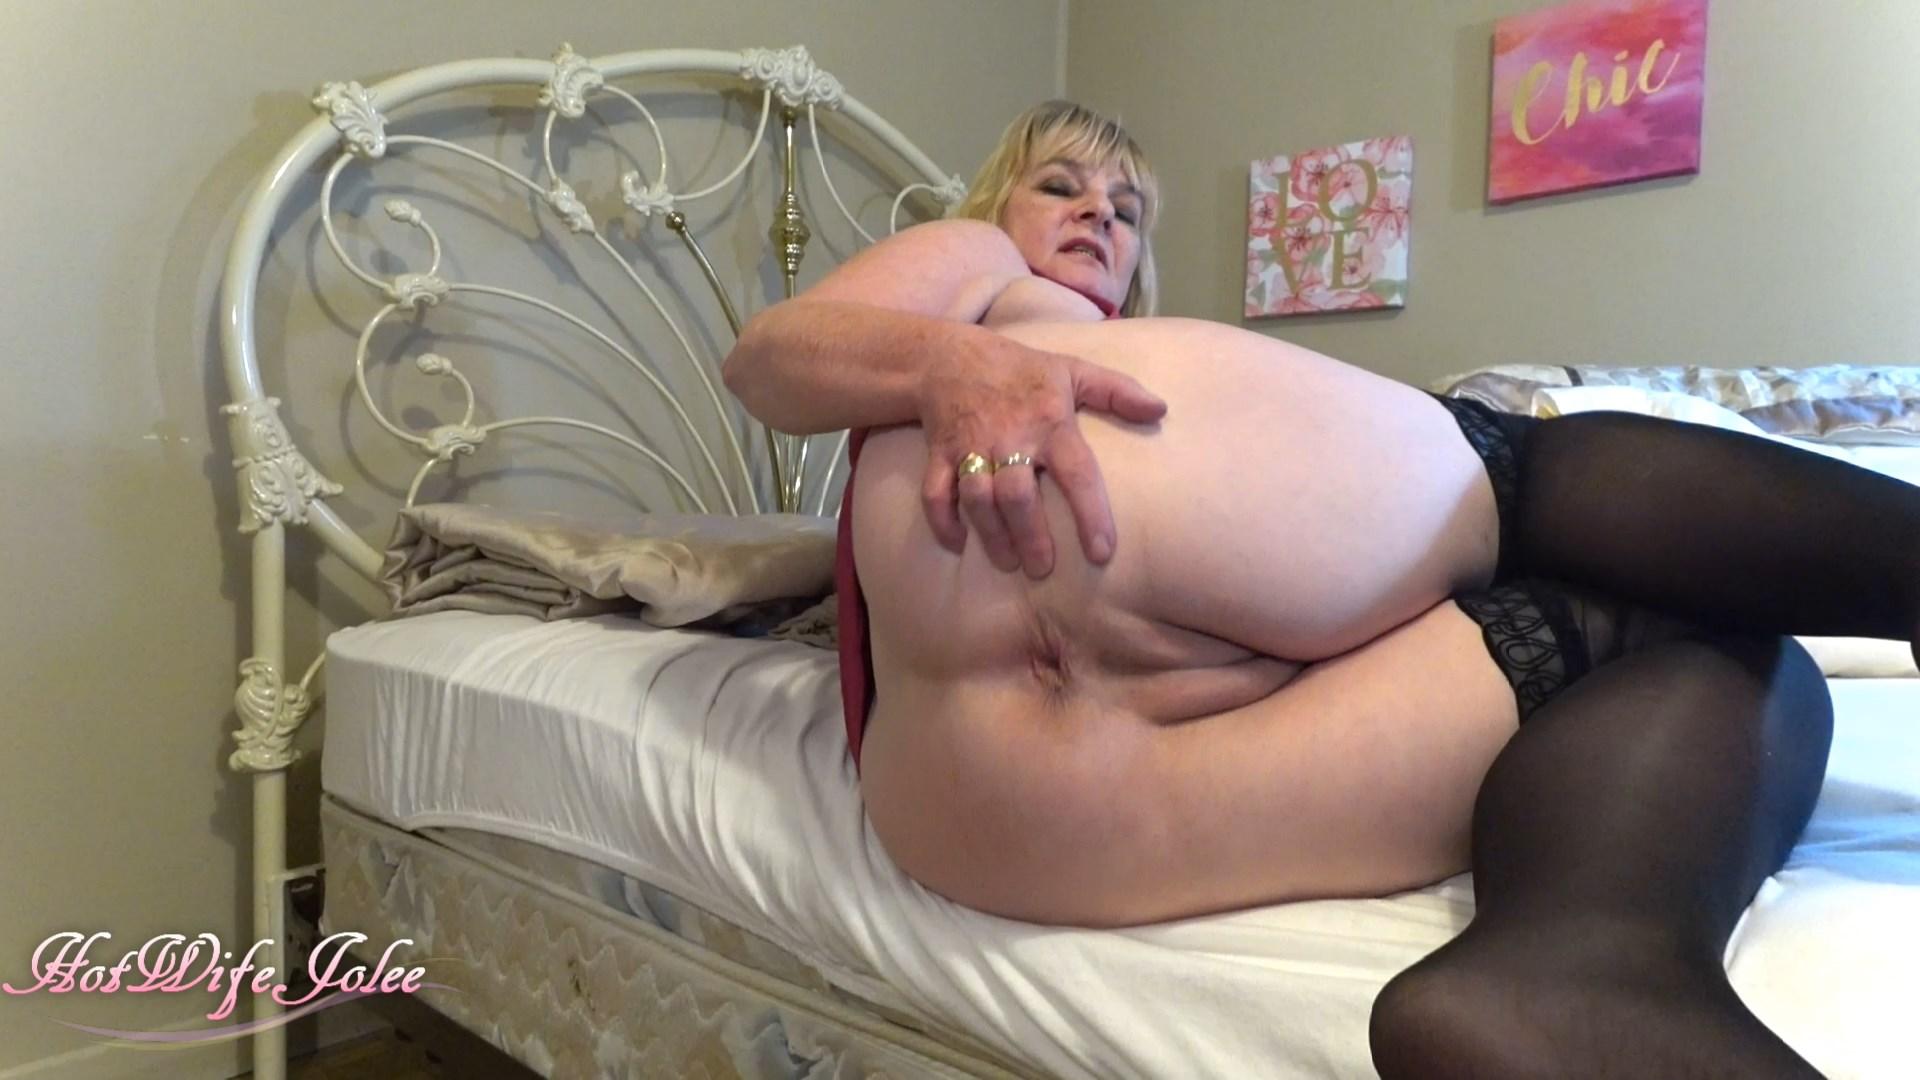 Hot Wife Jolee - Mom is so demanding of her son